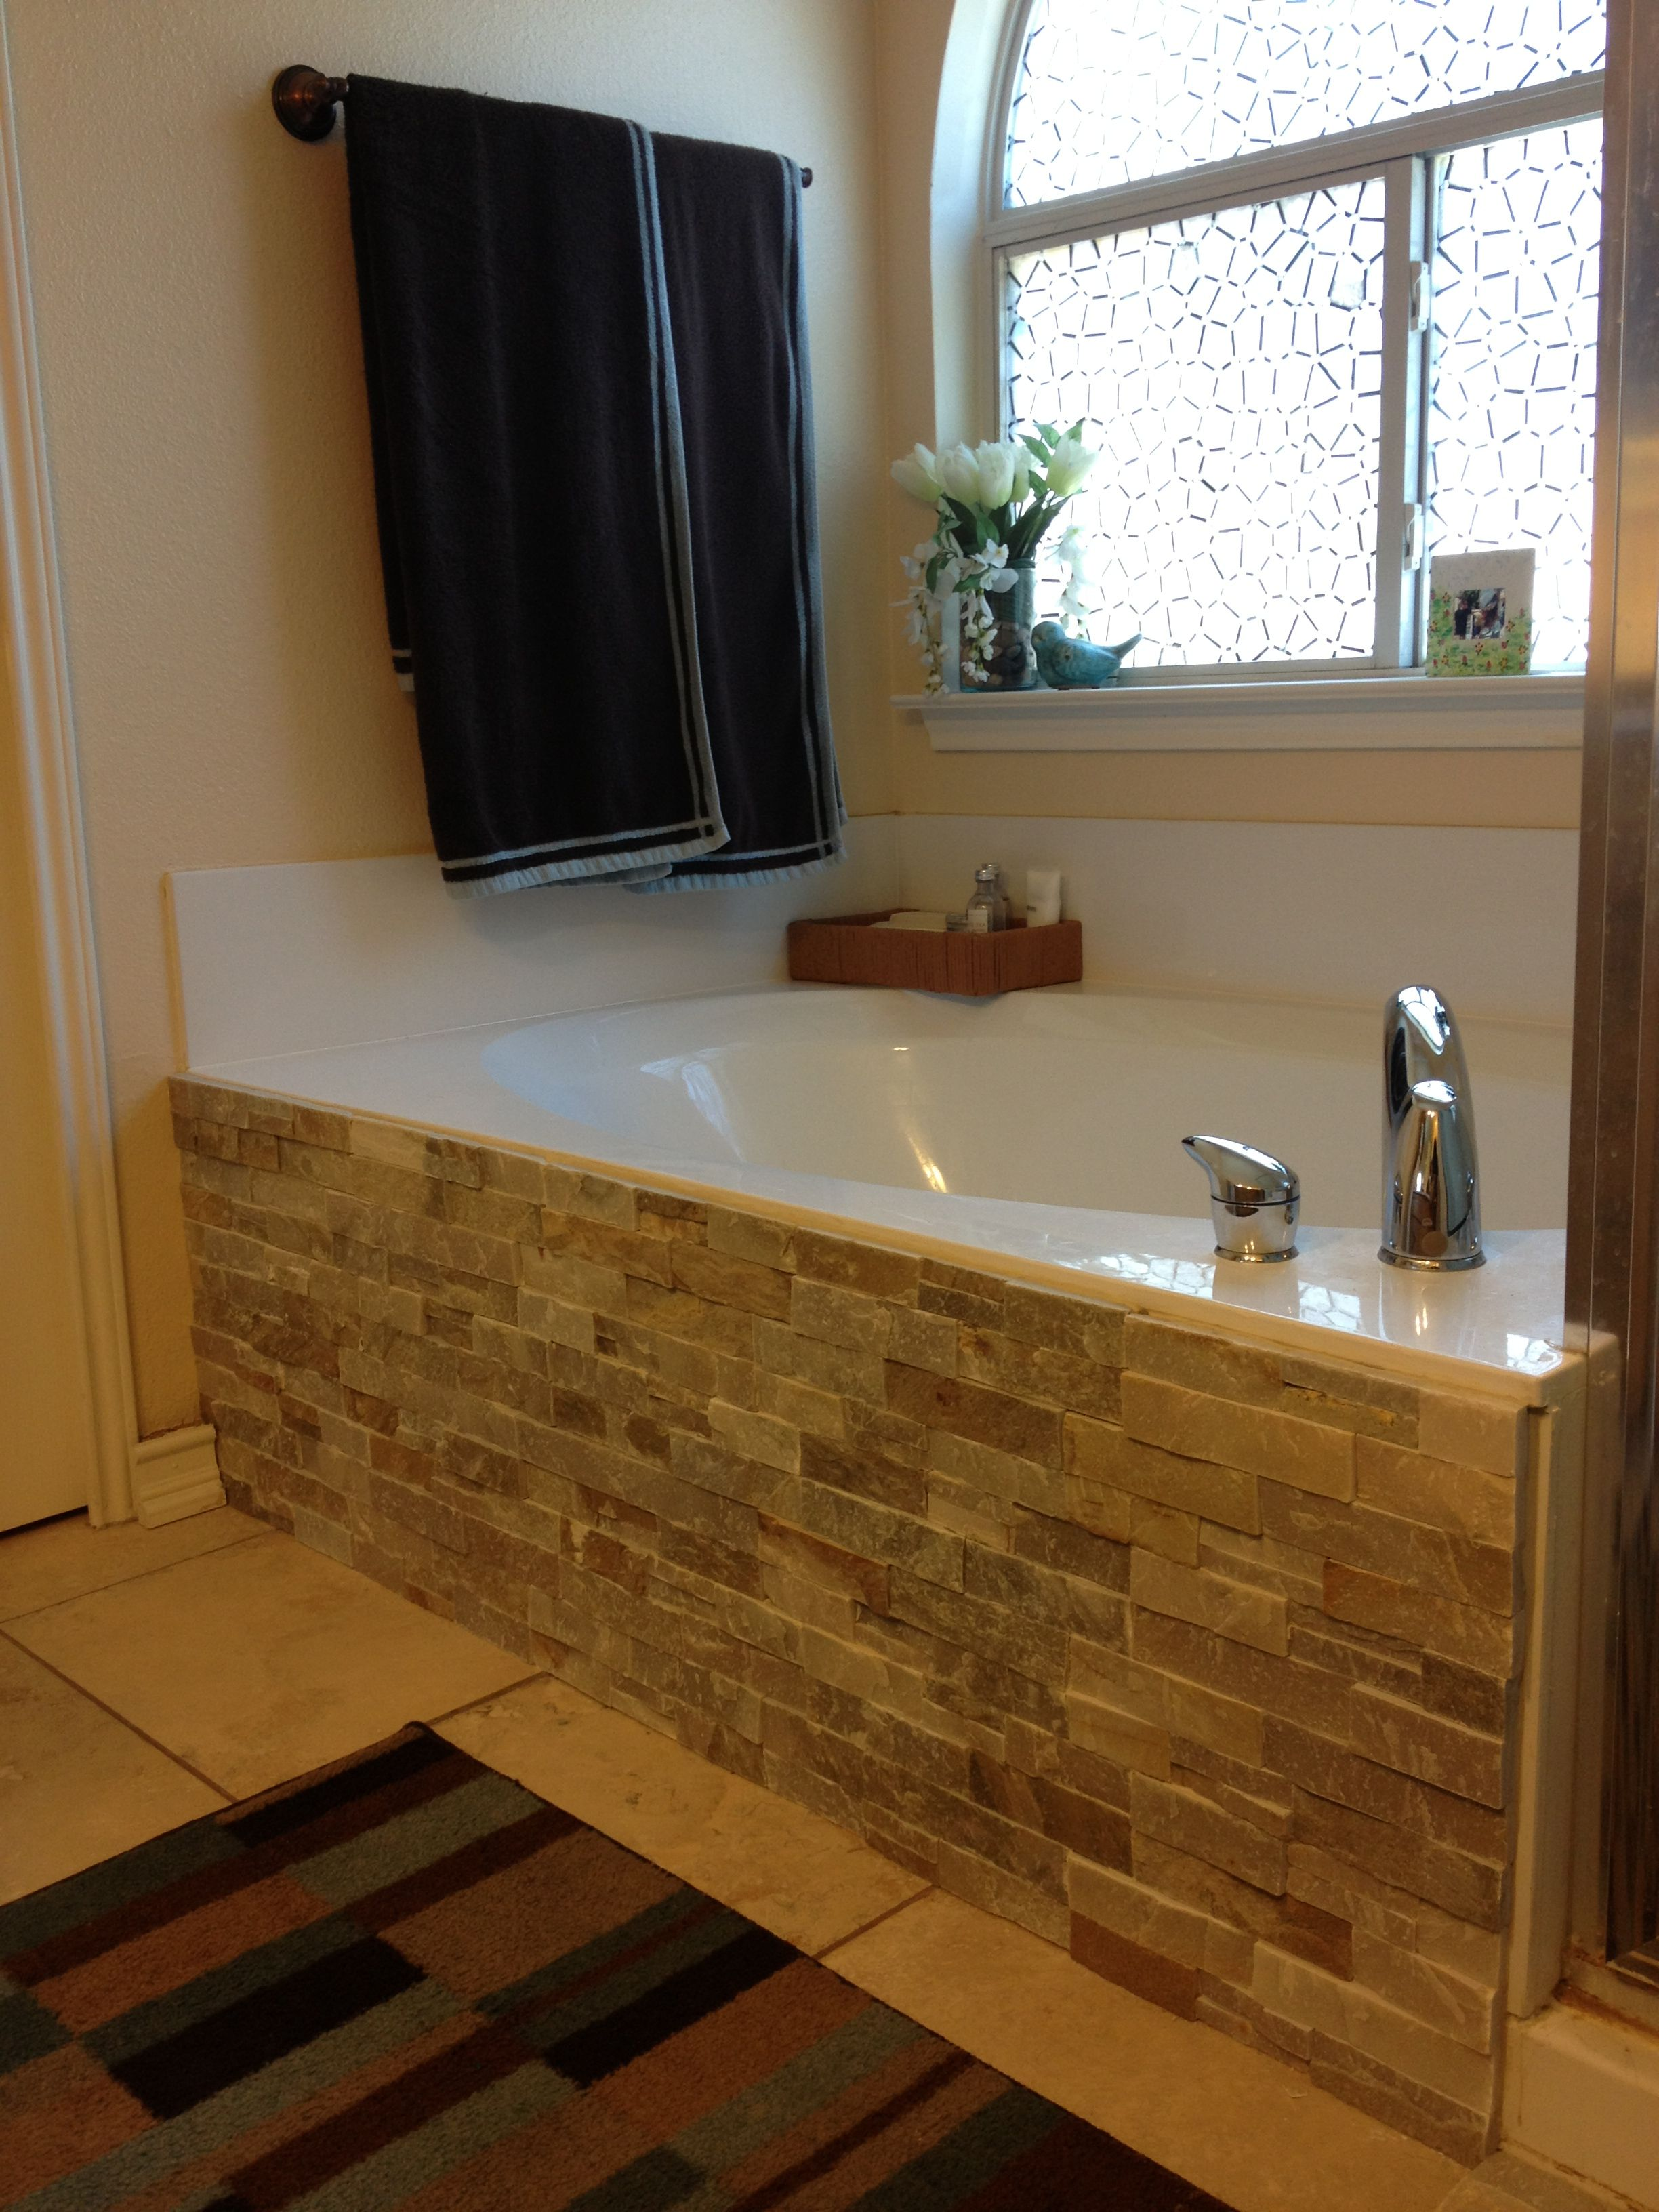 backsplash tile and adhesive glue to